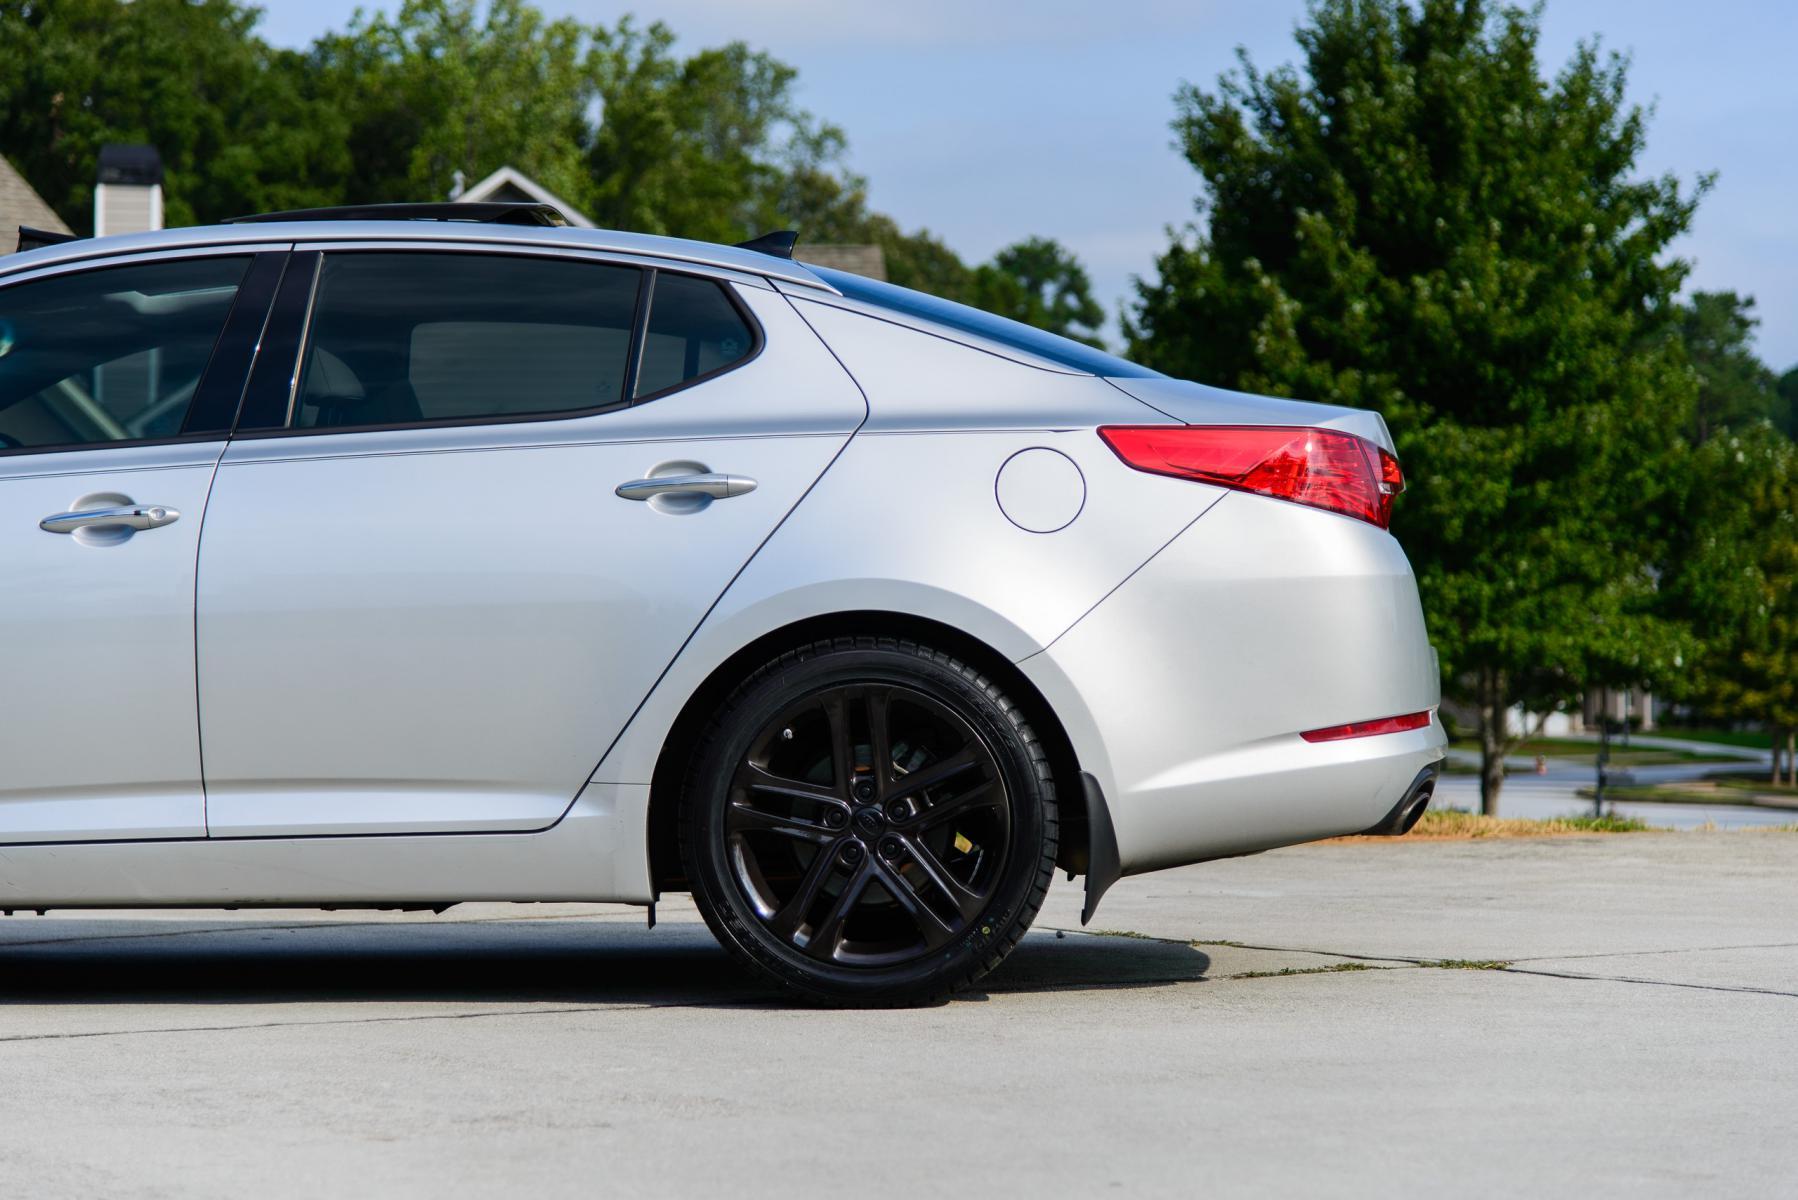 kia optima 2015 white black rims. 2013 ex sxl wheels powder coated with silvercandy black for chrome kia optima 2015 white rims